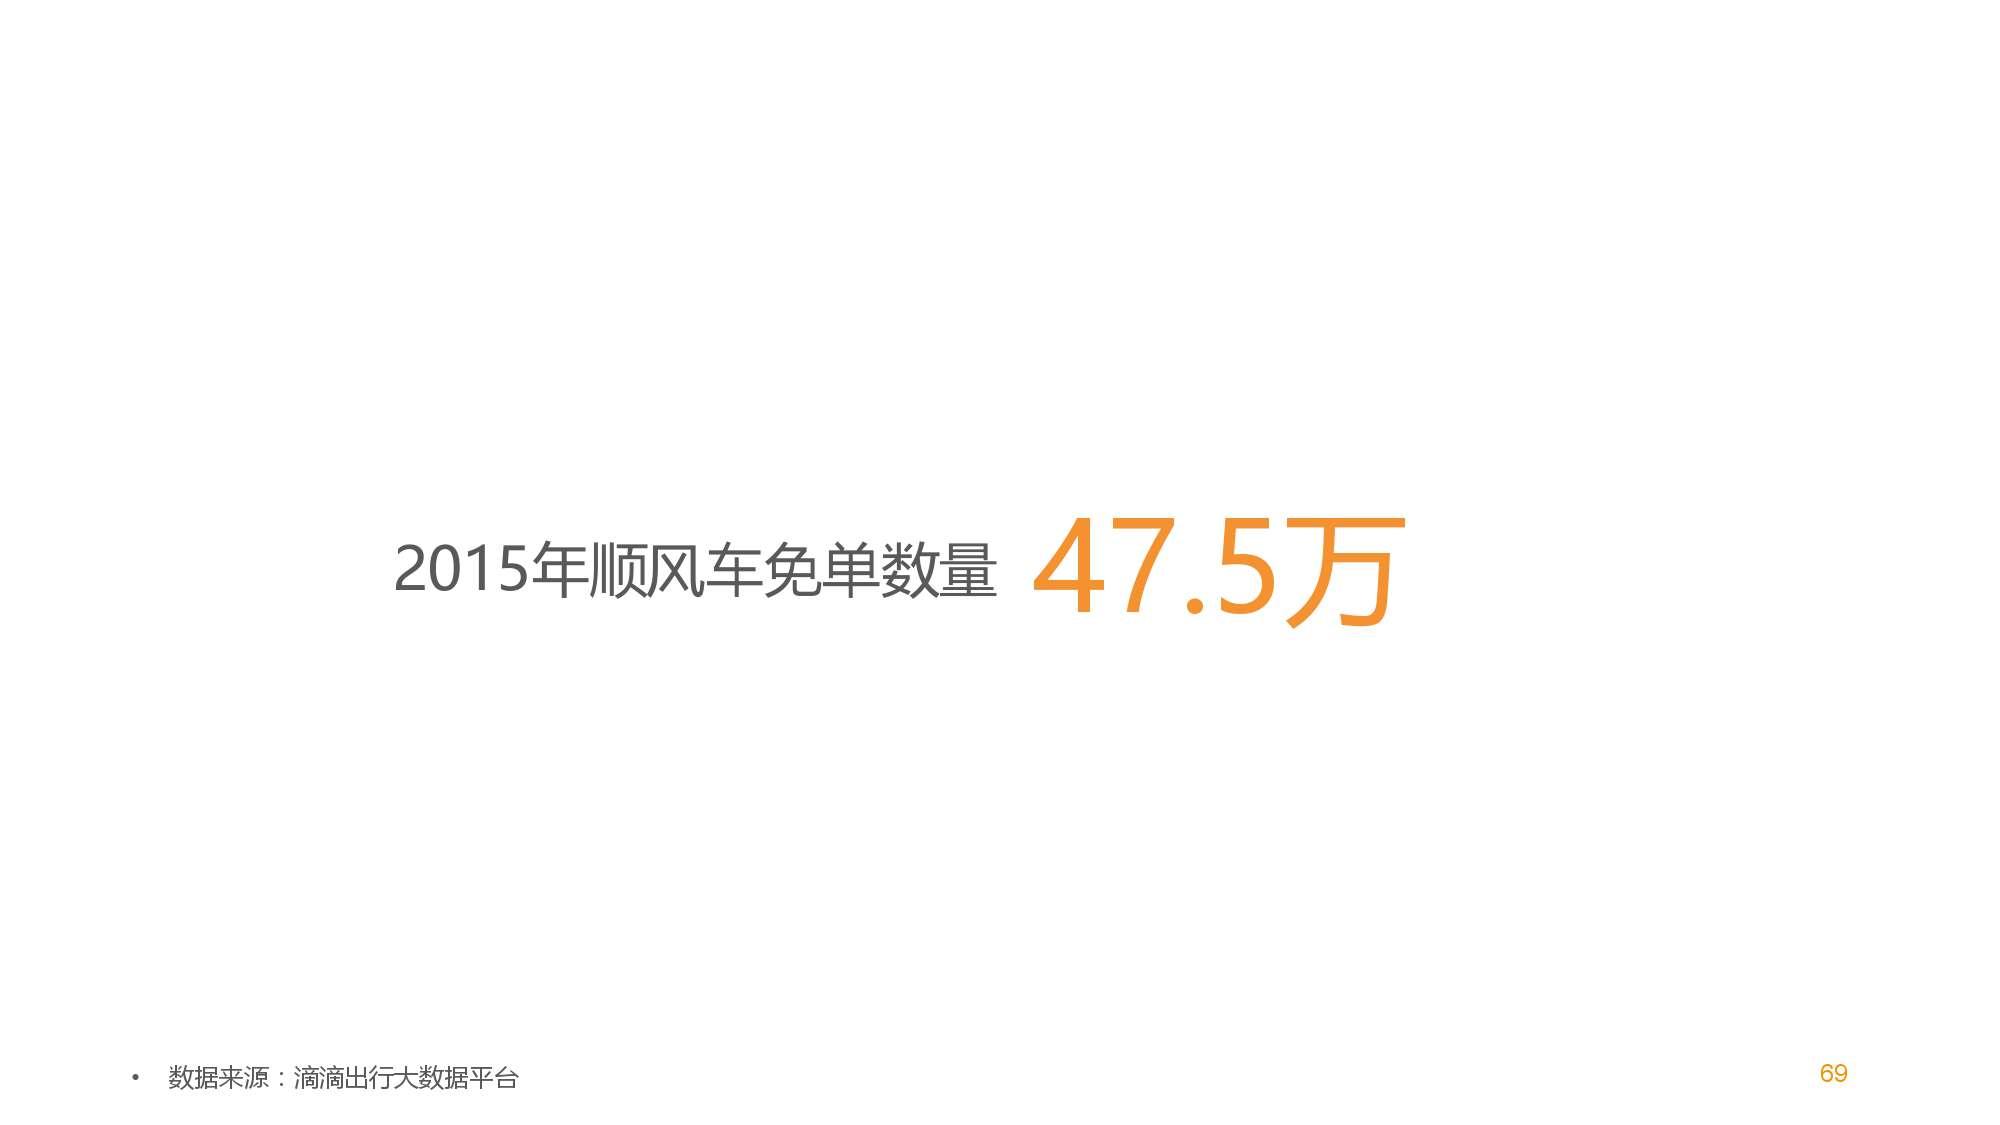 中国智能出行2015大数据报告_000069